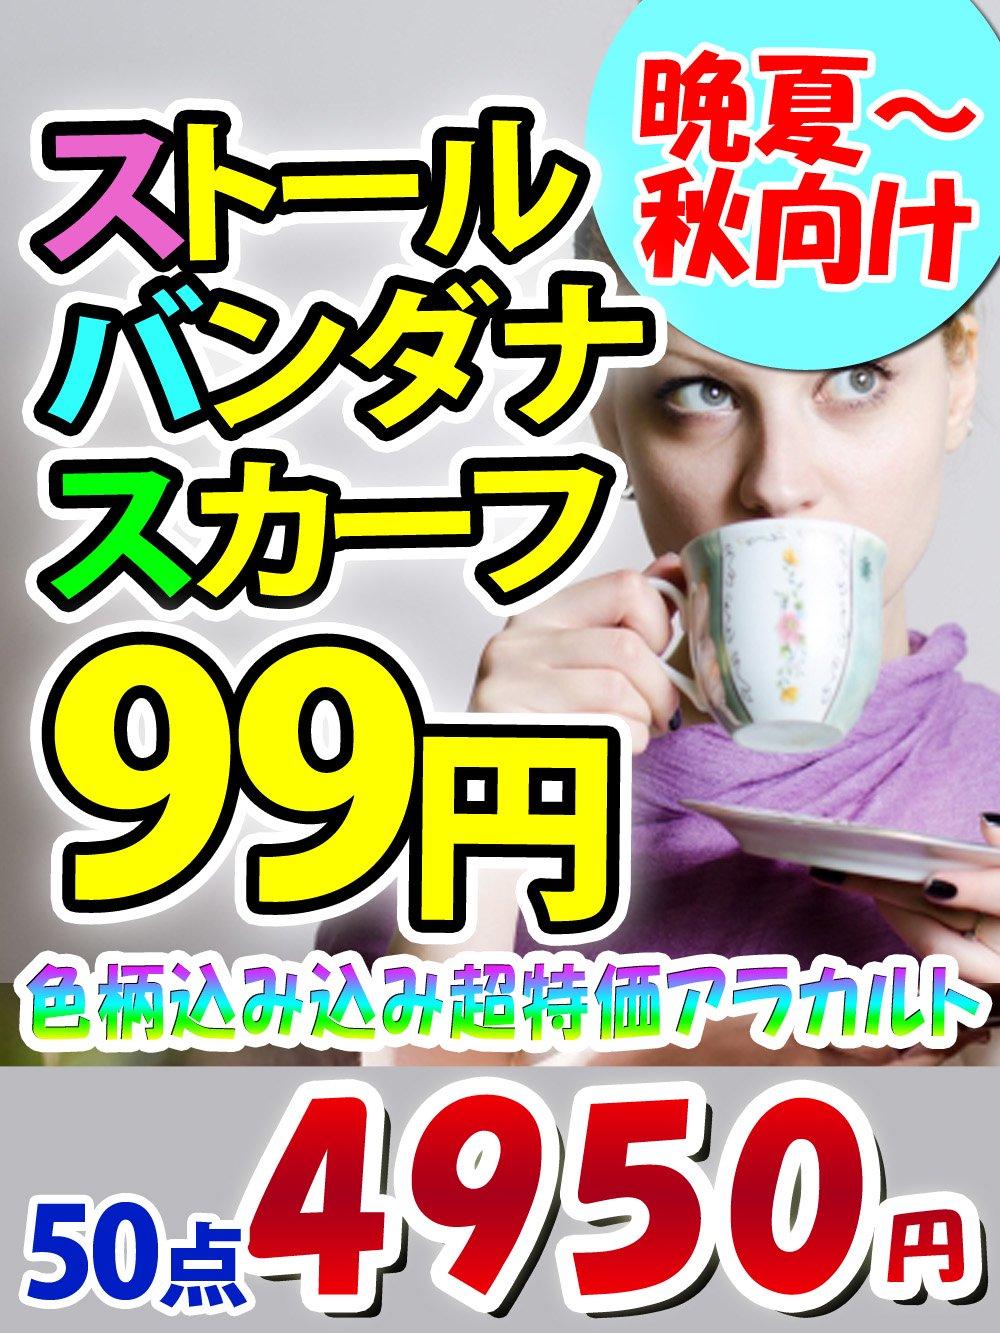 【晩夏〜秋向け】ストール・バンダナ・スカーフ99円!色柄込み込み超特価アラカルト!@99【50点】